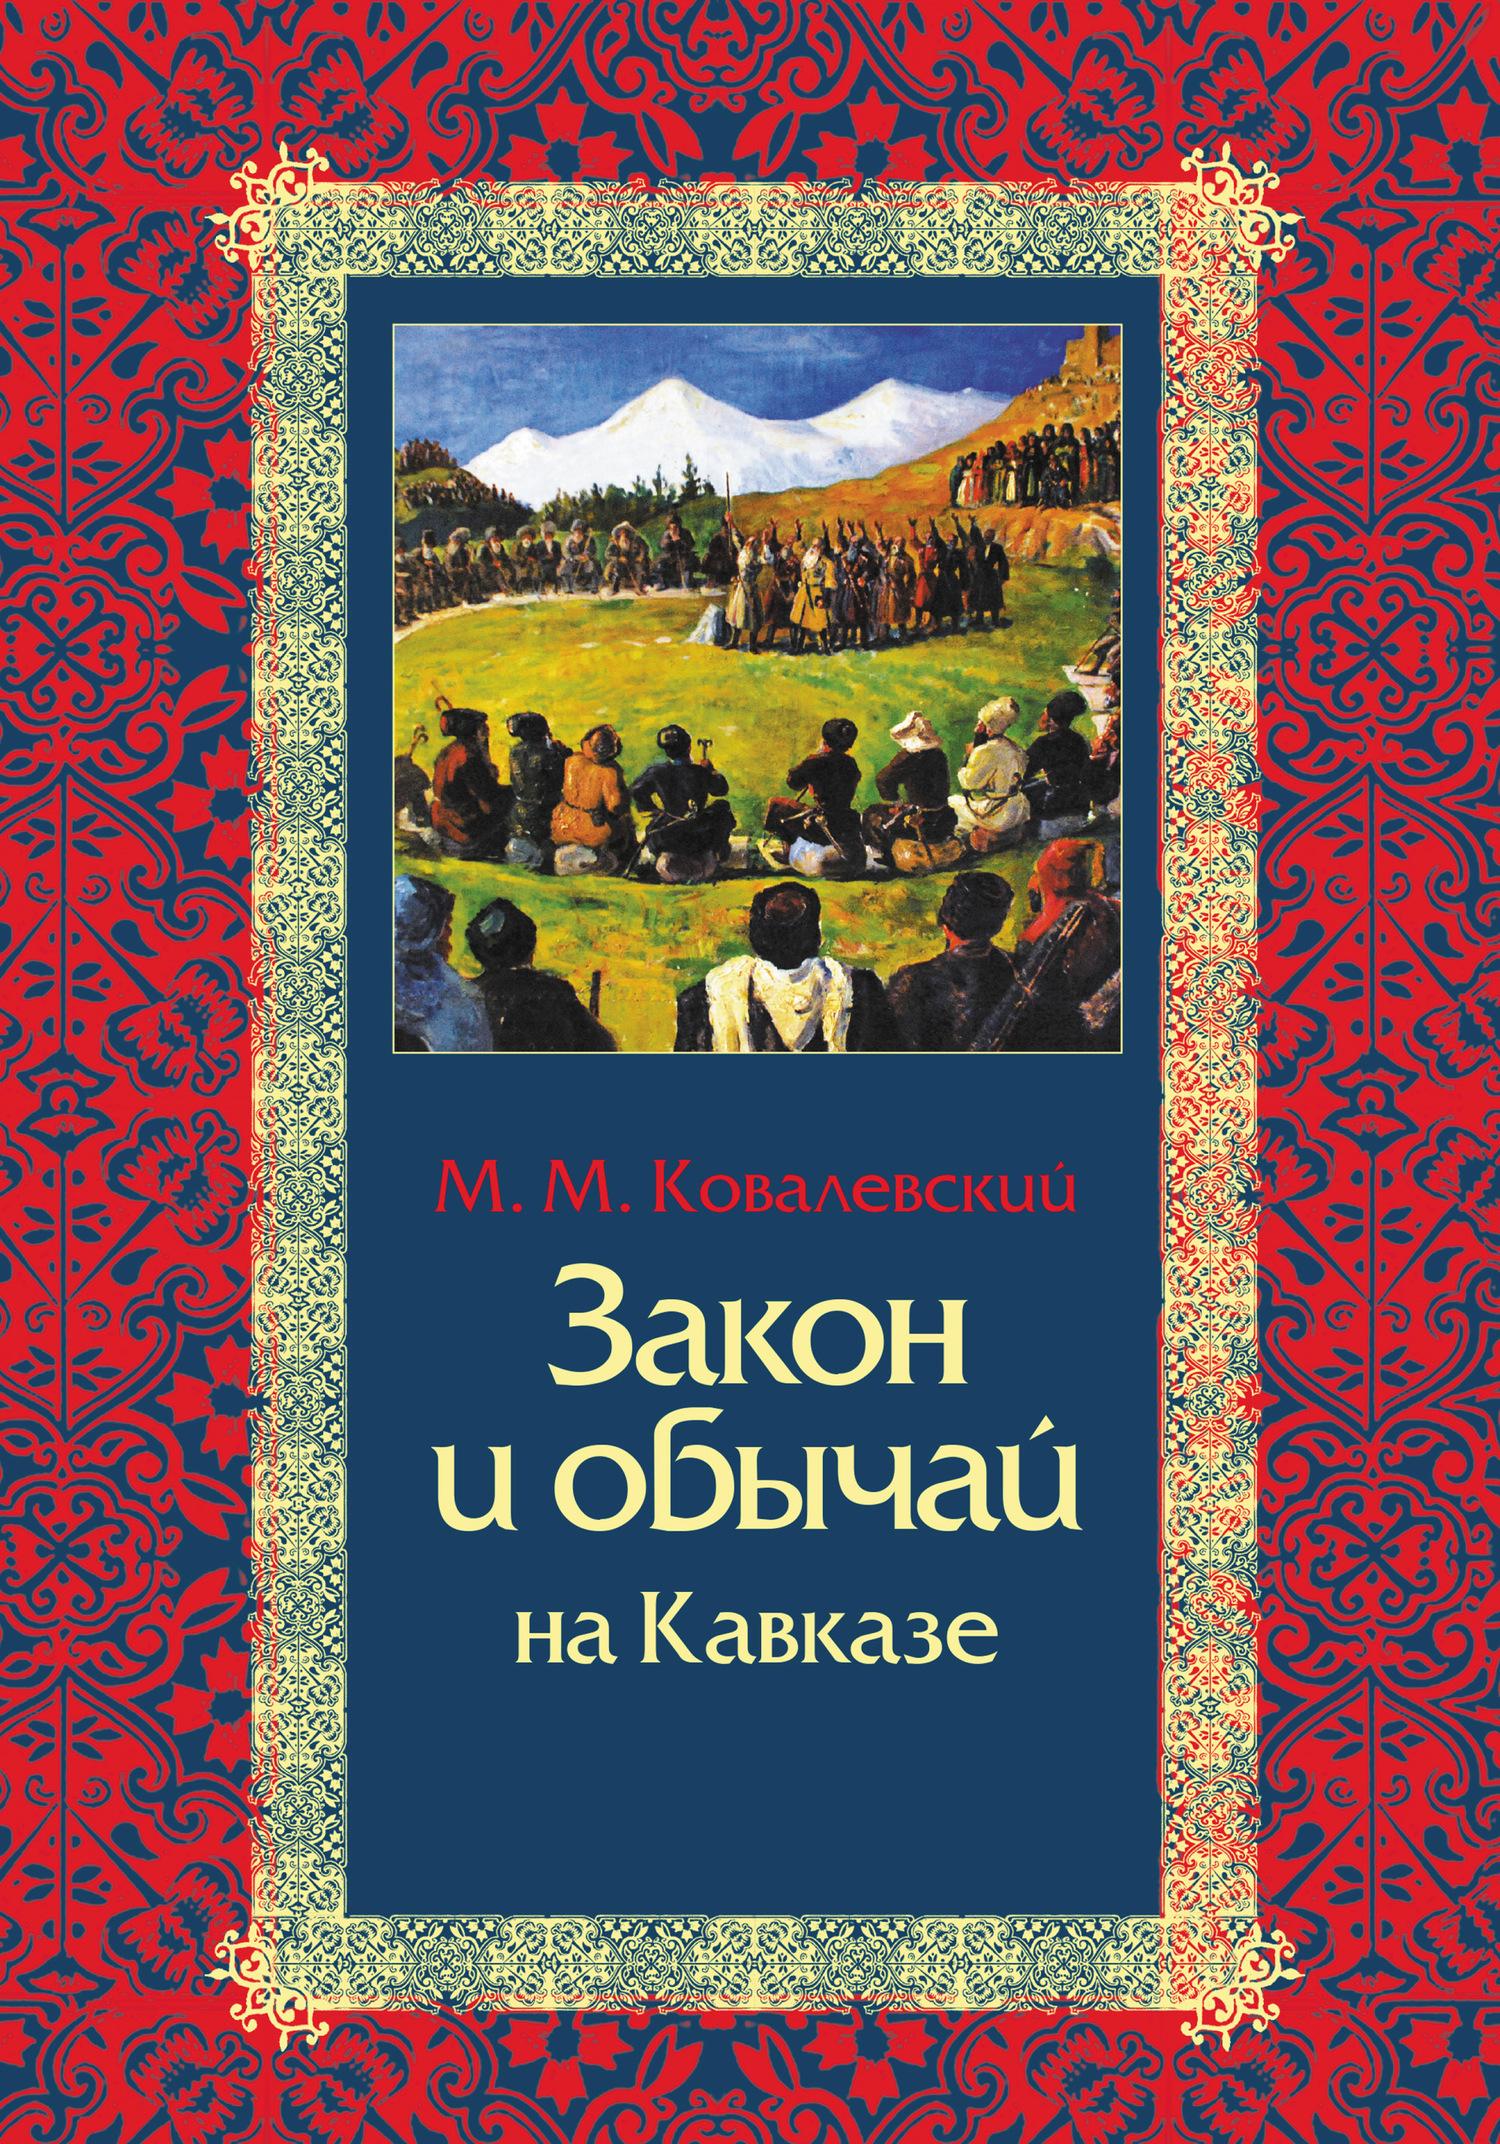 Максим Максимович Ковалевский Закон и обычай на Кавказе